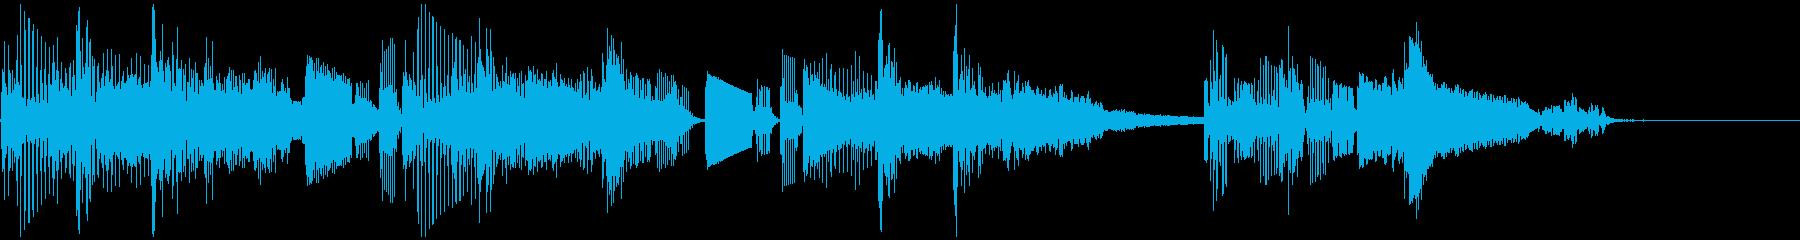 シンセサイザー シンプル ジングル の再生済みの波形